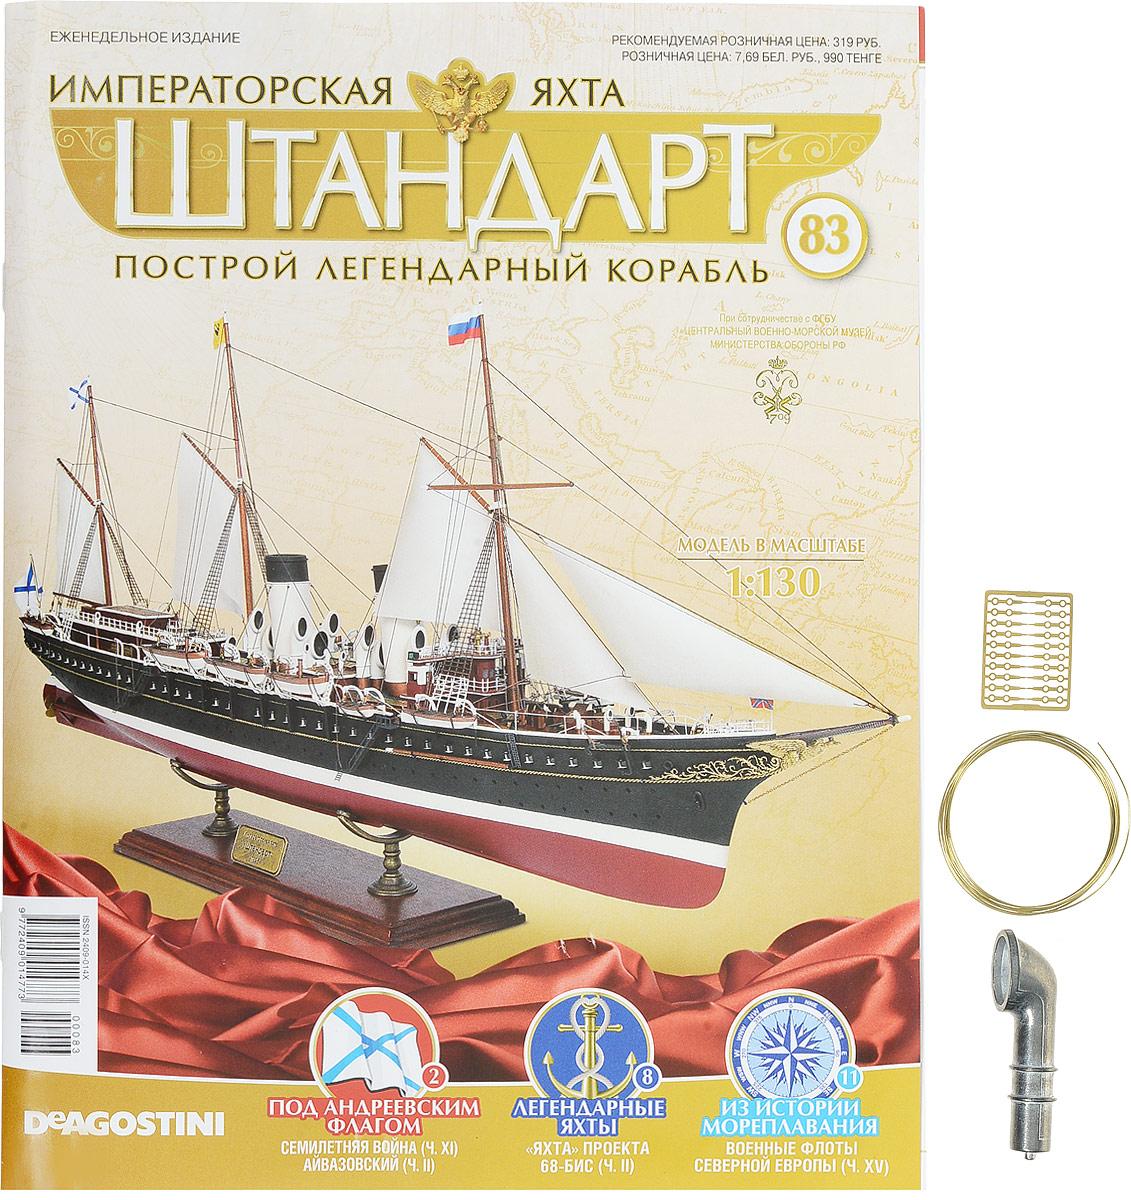 """Журнал """"Императорская яхта""""ШТАНДАРТ"""" №83,"""